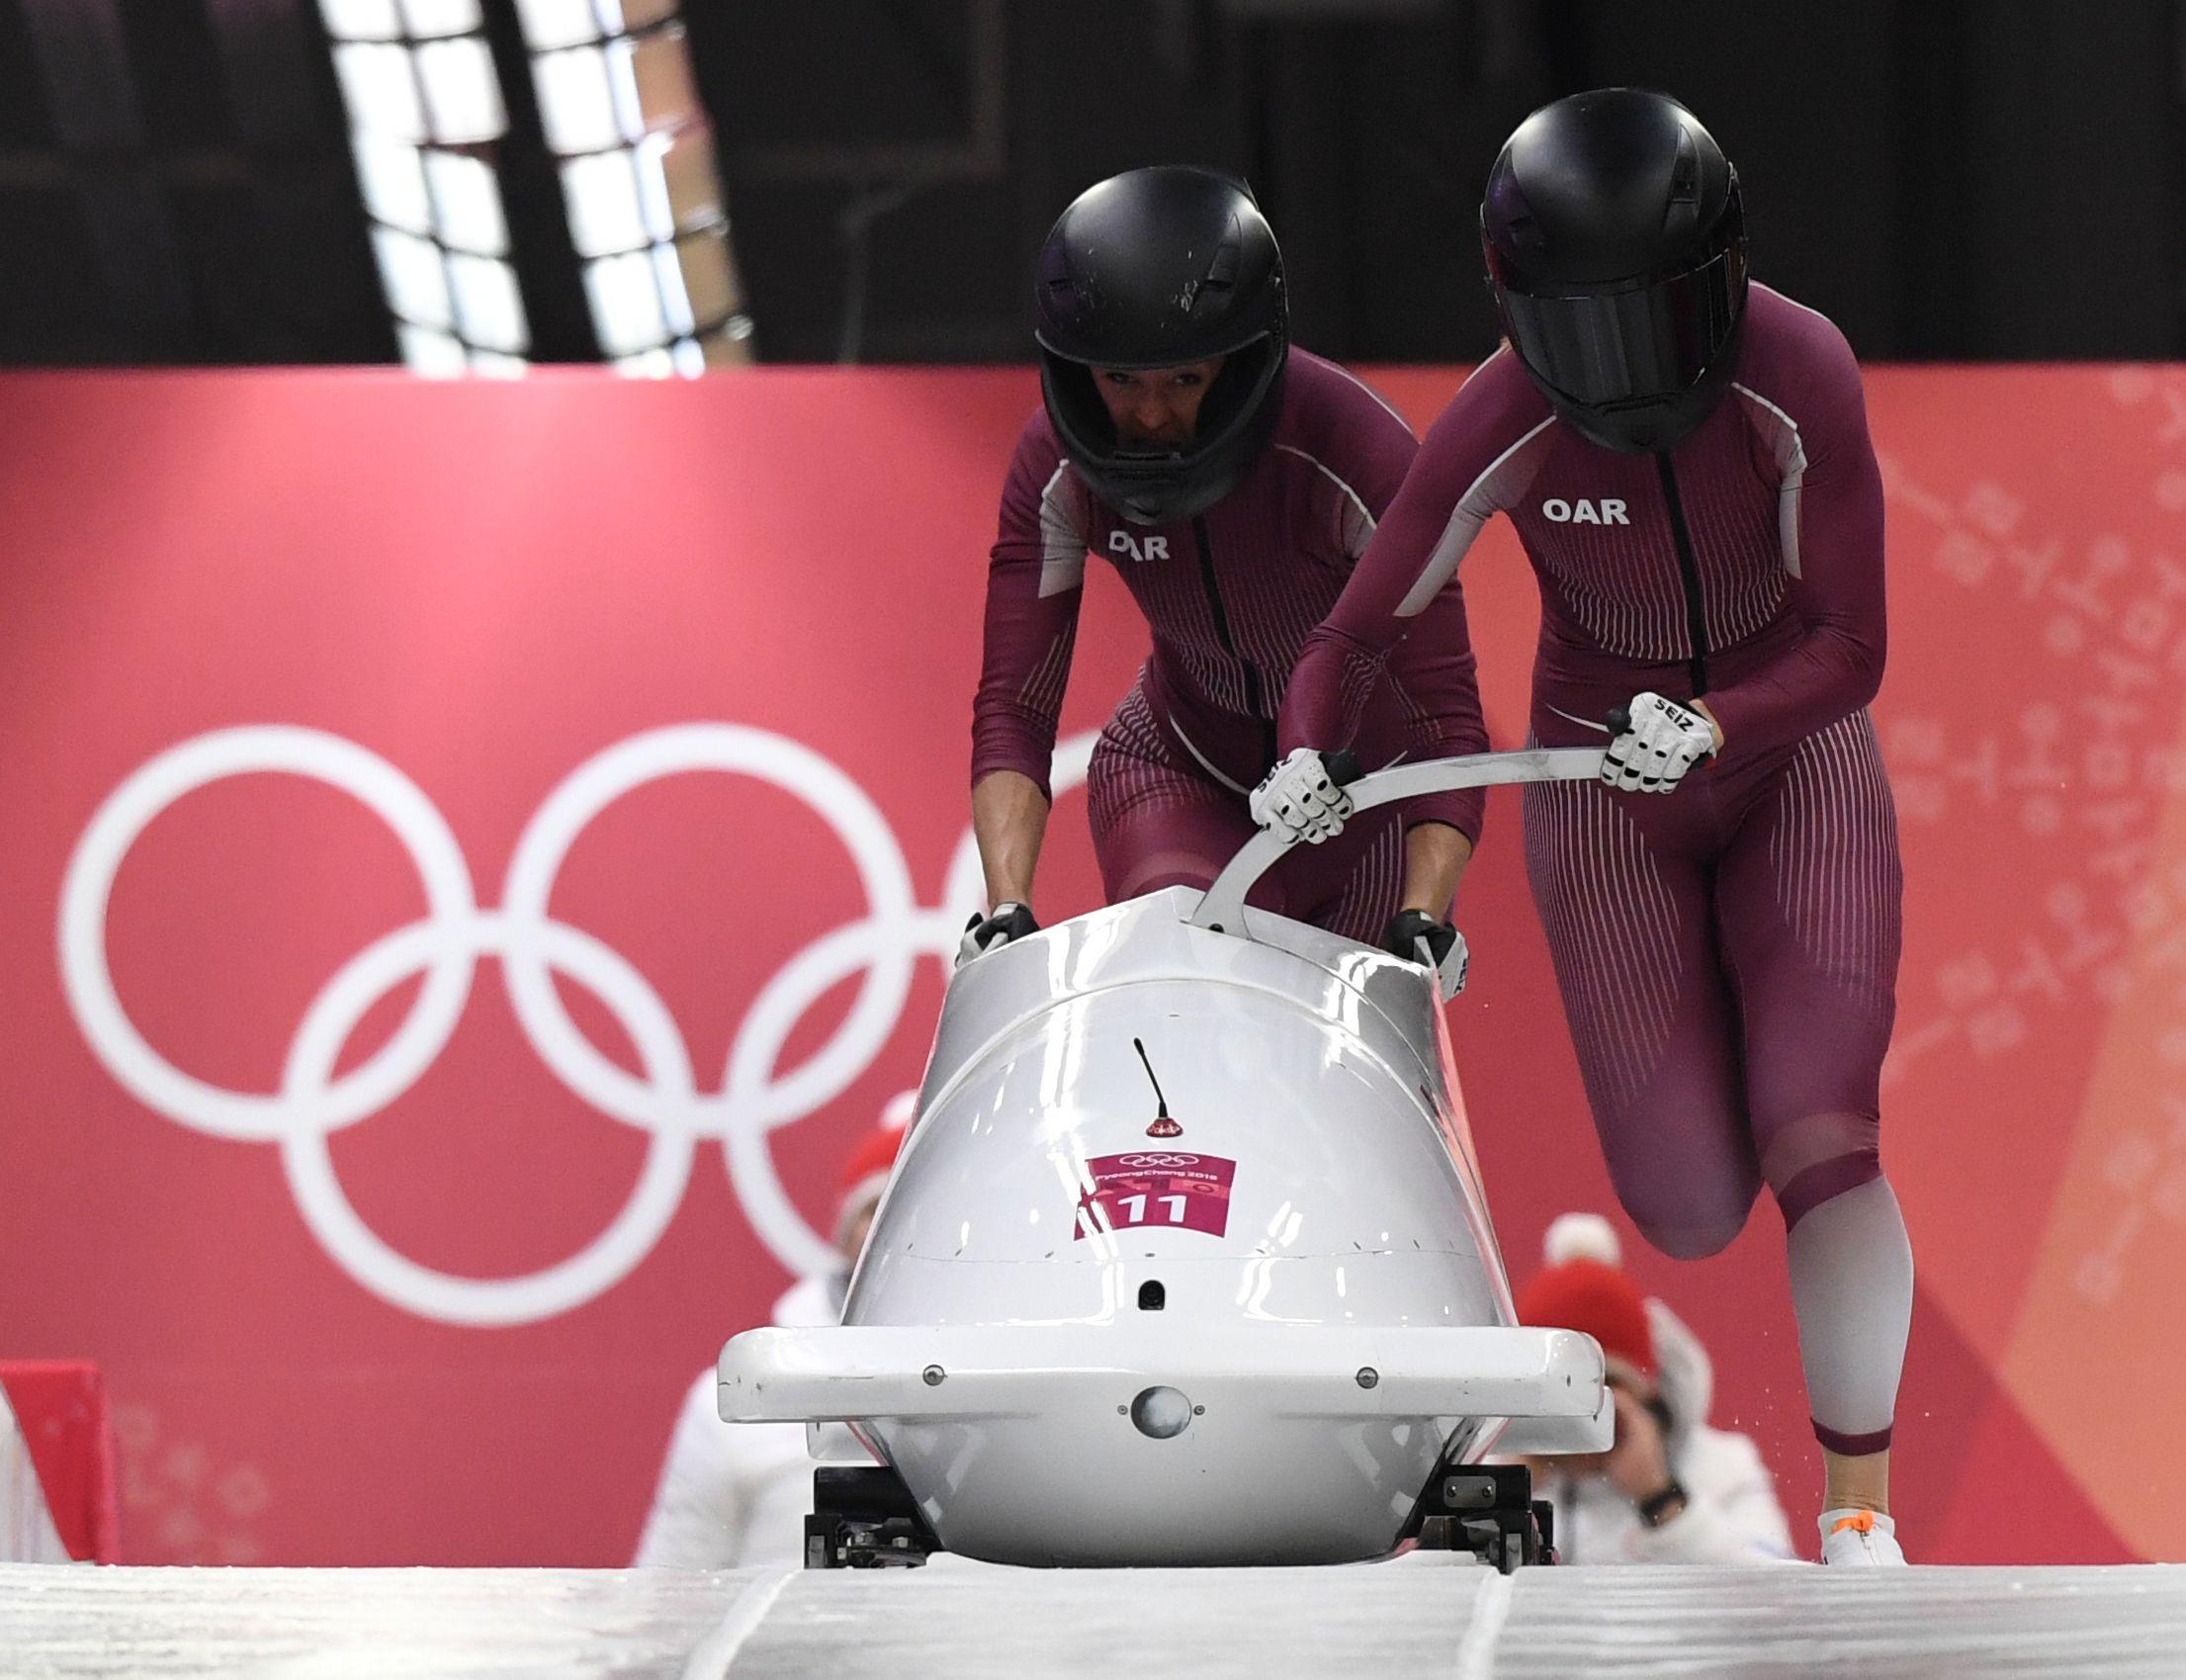 Russische Bobpilotin Sergejewa räumt Dopingverstoß ein